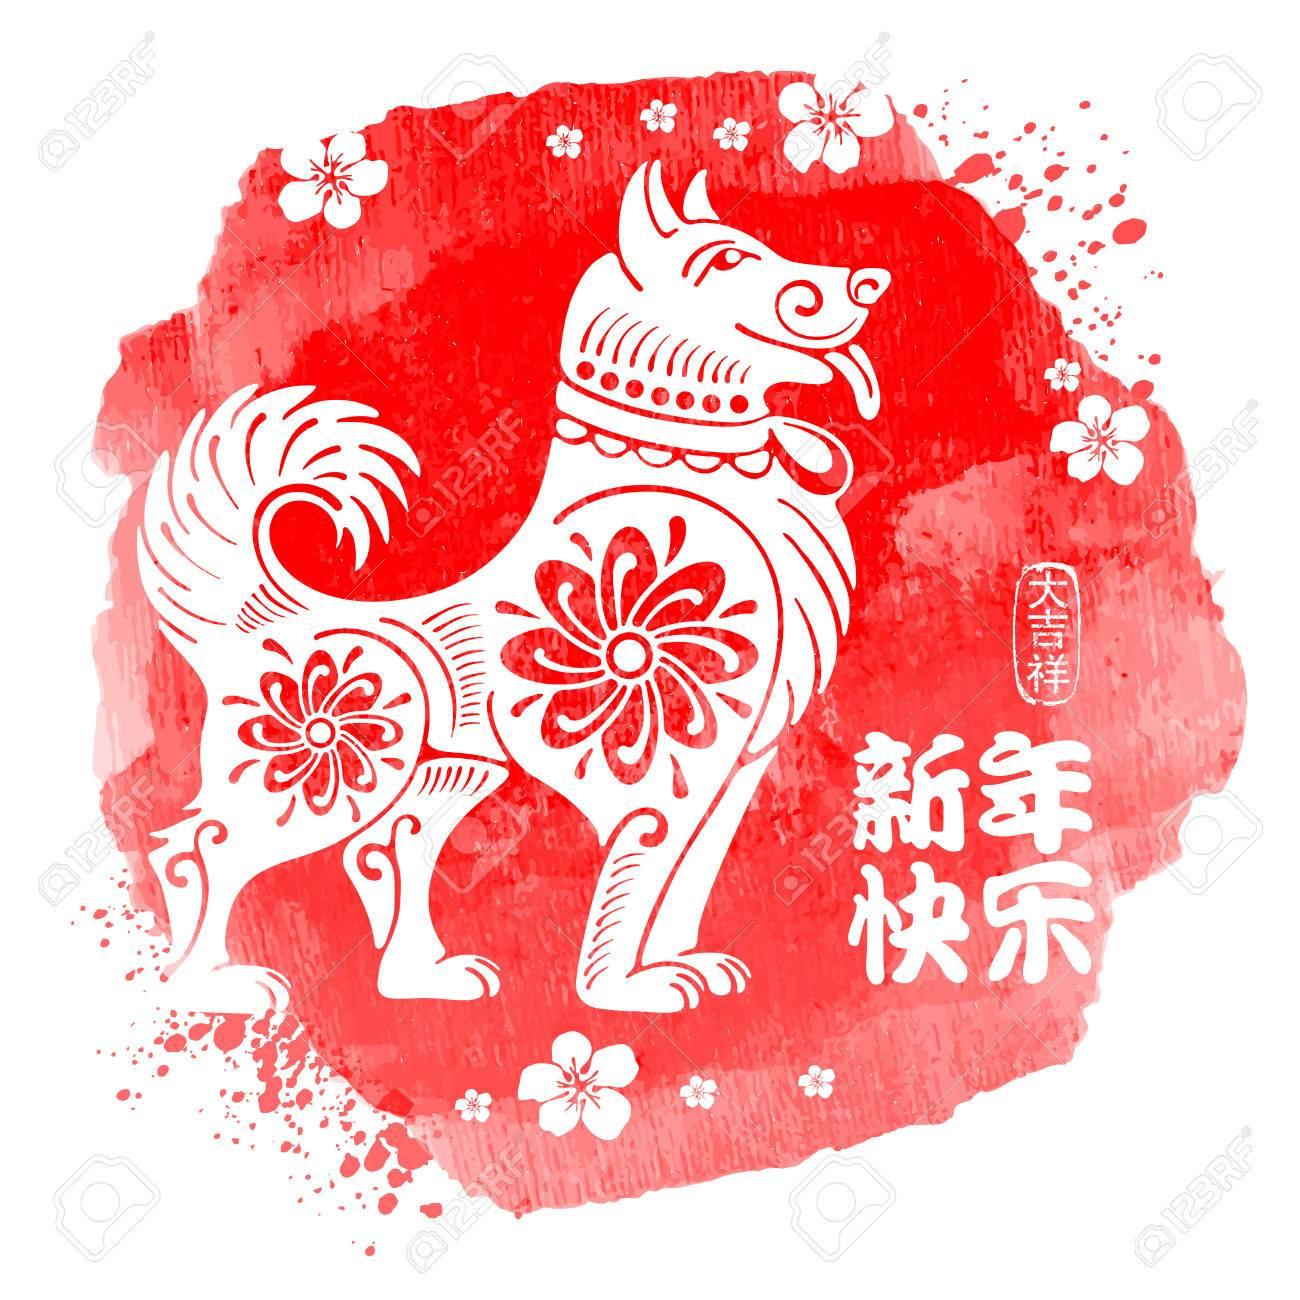 Chinesisches Neujahrsfest Festliche Vektor-Karte Design Mit Hund ...